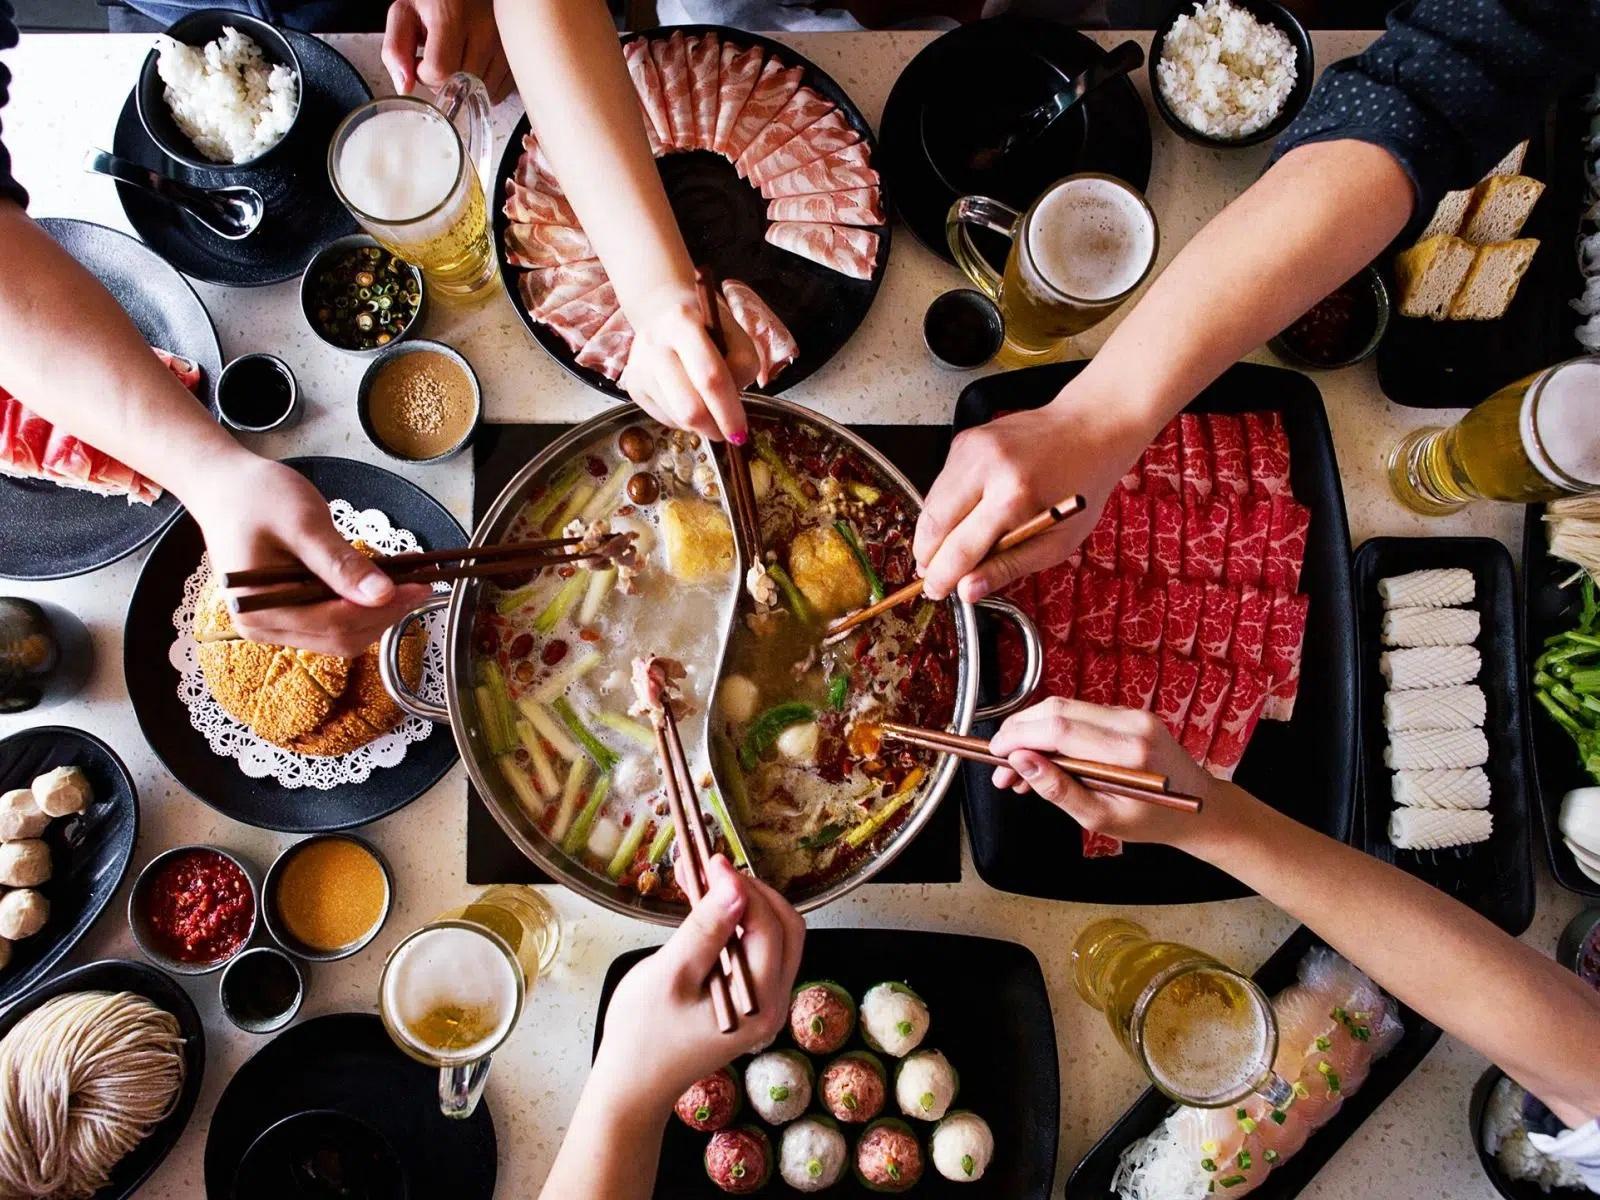 3 món ngon trong mùa đông nhưng phải THẬN TRỌNG vì ăn sai cách có thể làm tổn thương dạ dày, thậm chí gây ung thư - Ảnh 3